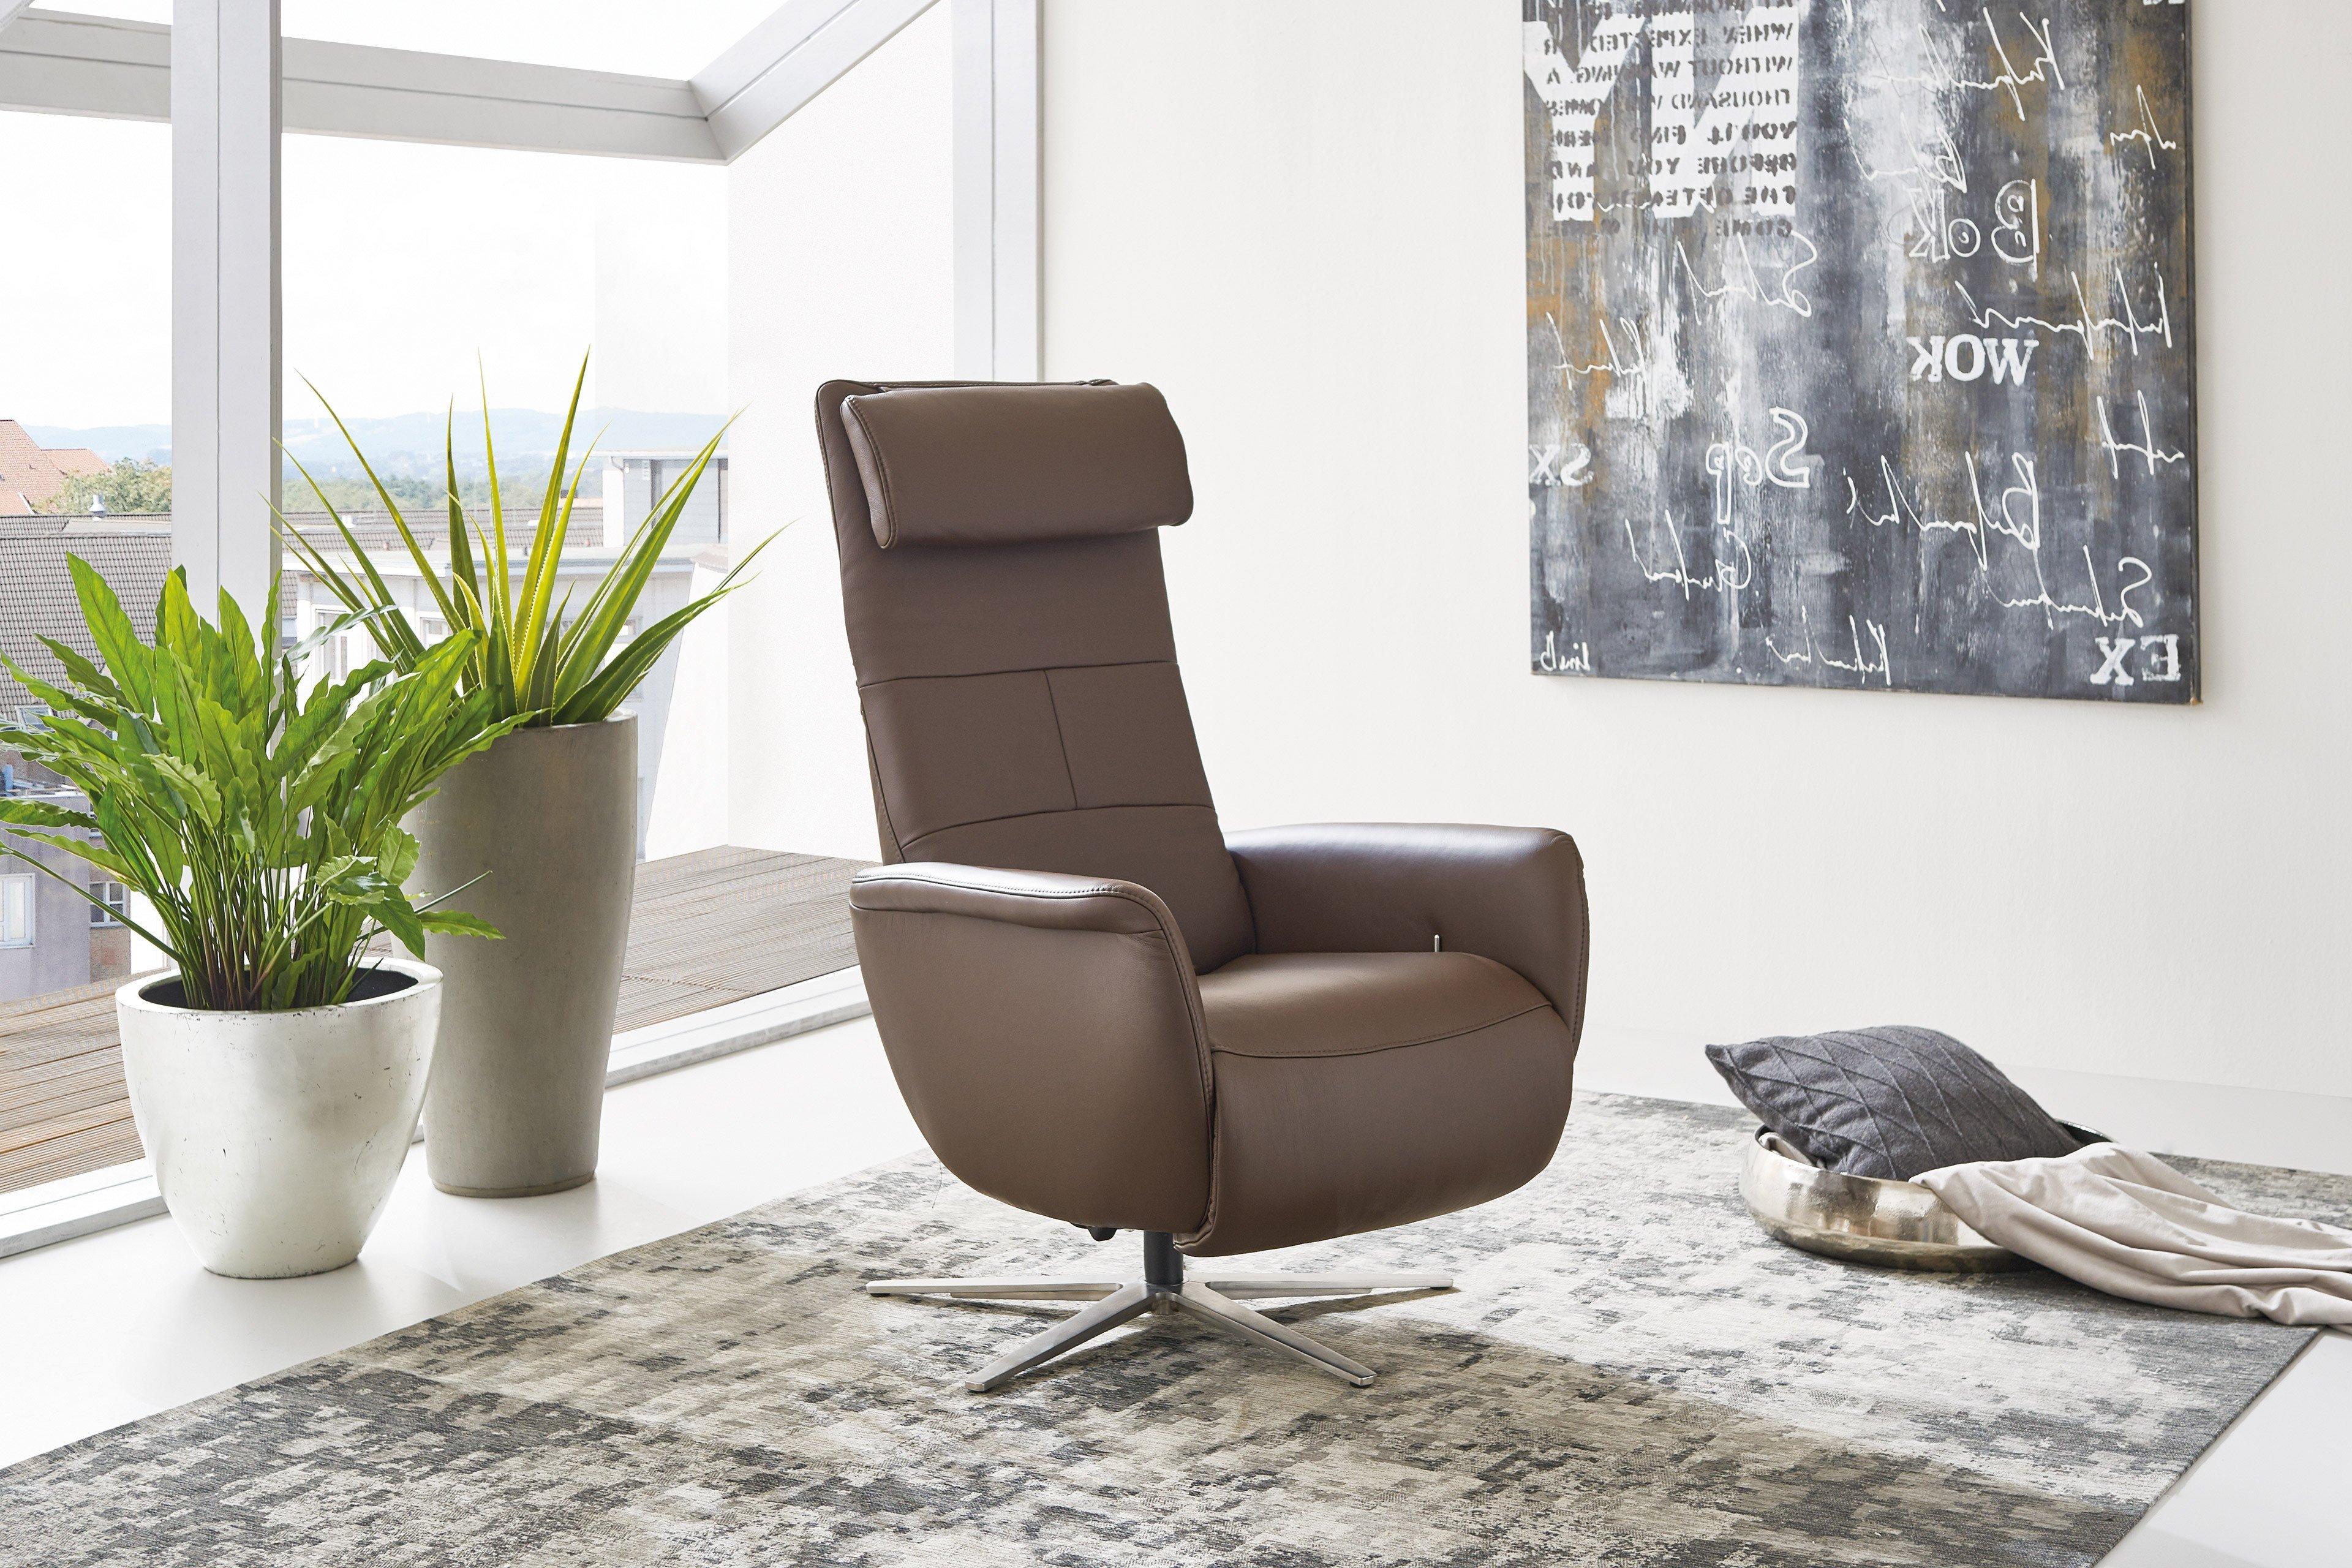 hukla lc02 funktionssessel in braun m bel letz ihr. Black Bedroom Furniture Sets. Home Design Ideas